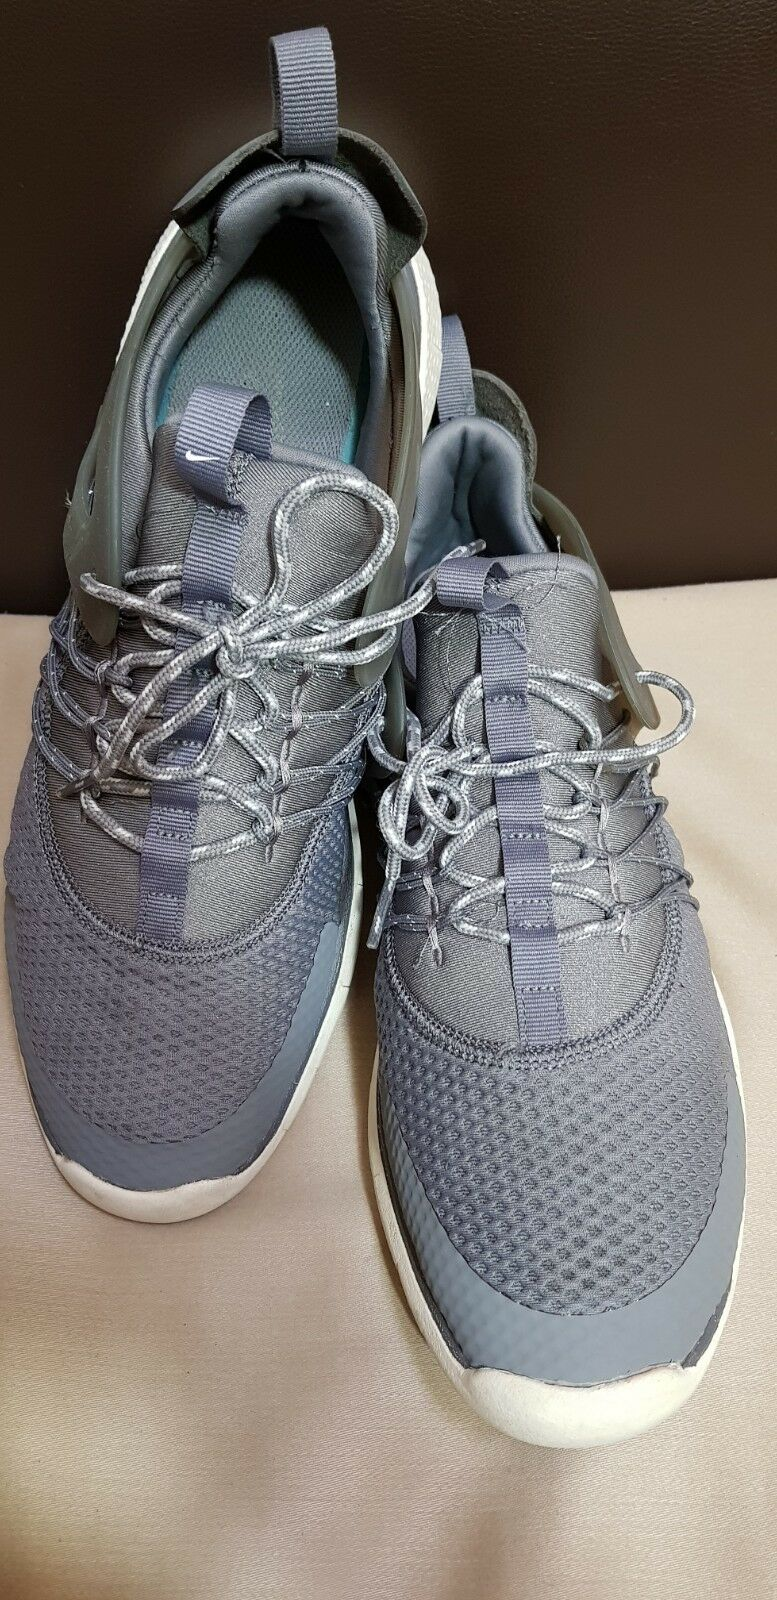 Nike 725060-004 Gris formadores tamaño / nuevos zapatos y para hombres y zapatos mujeres, el limitado tiempo de descuento a14e8f